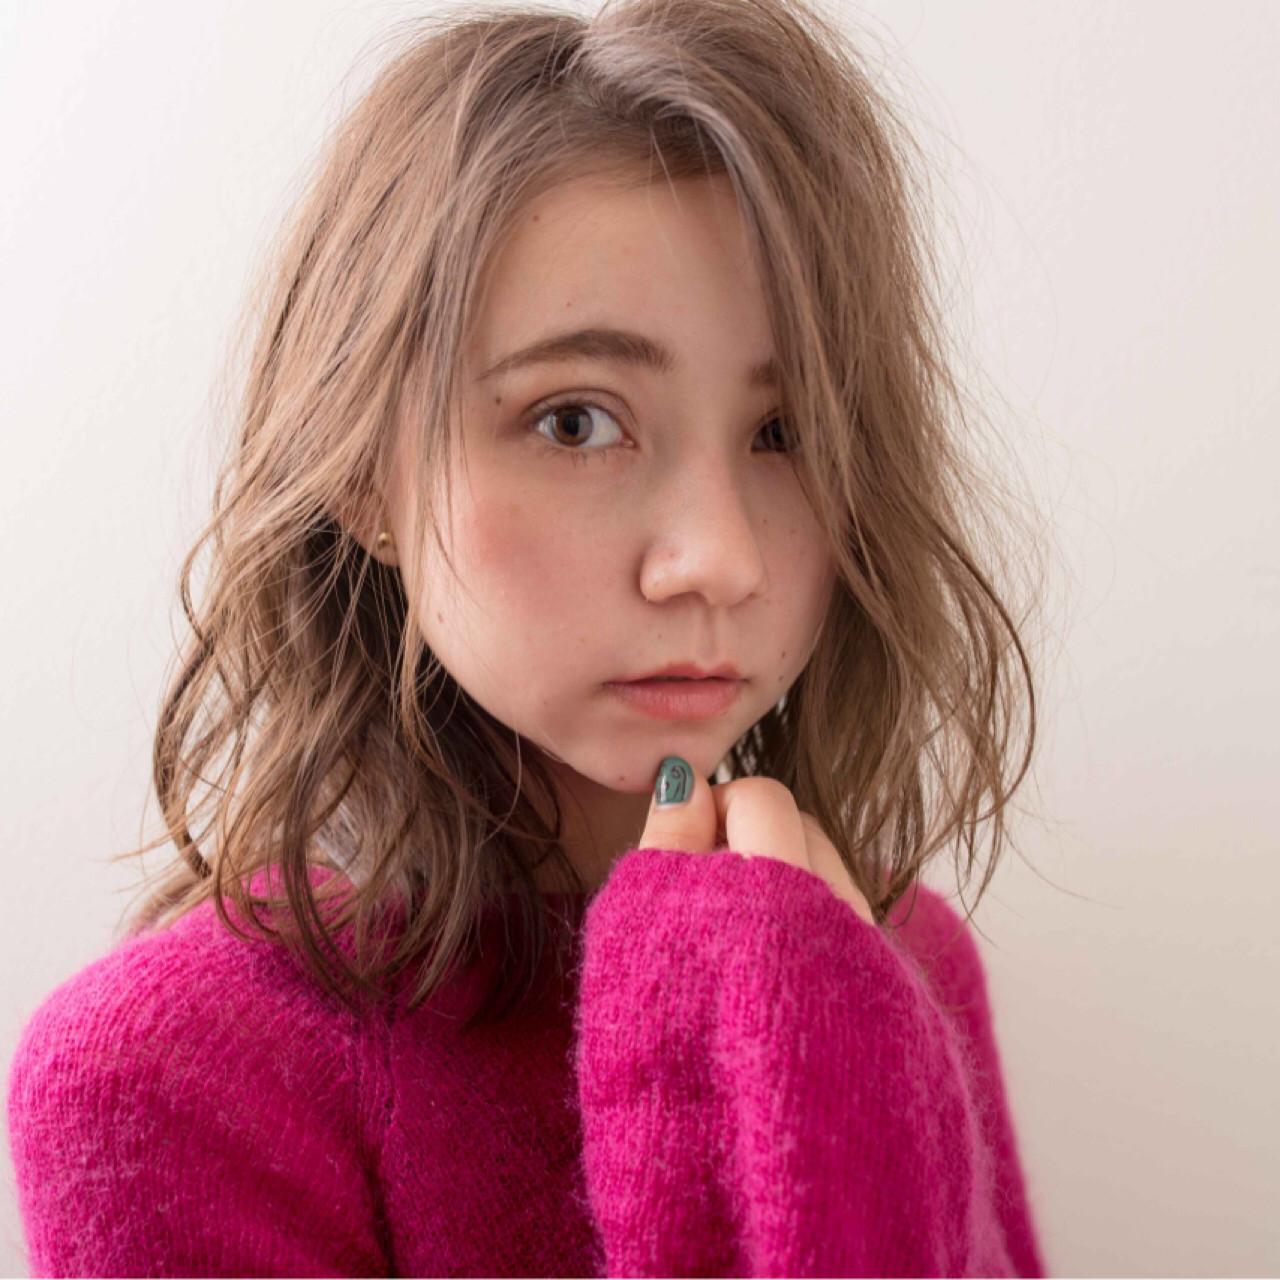 冬 ミディアム スポーツ ナチュラル ヘアスタイルや髪型の写真・画像 | CICATA 鎌倉【関口 裕樹】ショート/ボブ / CICATA